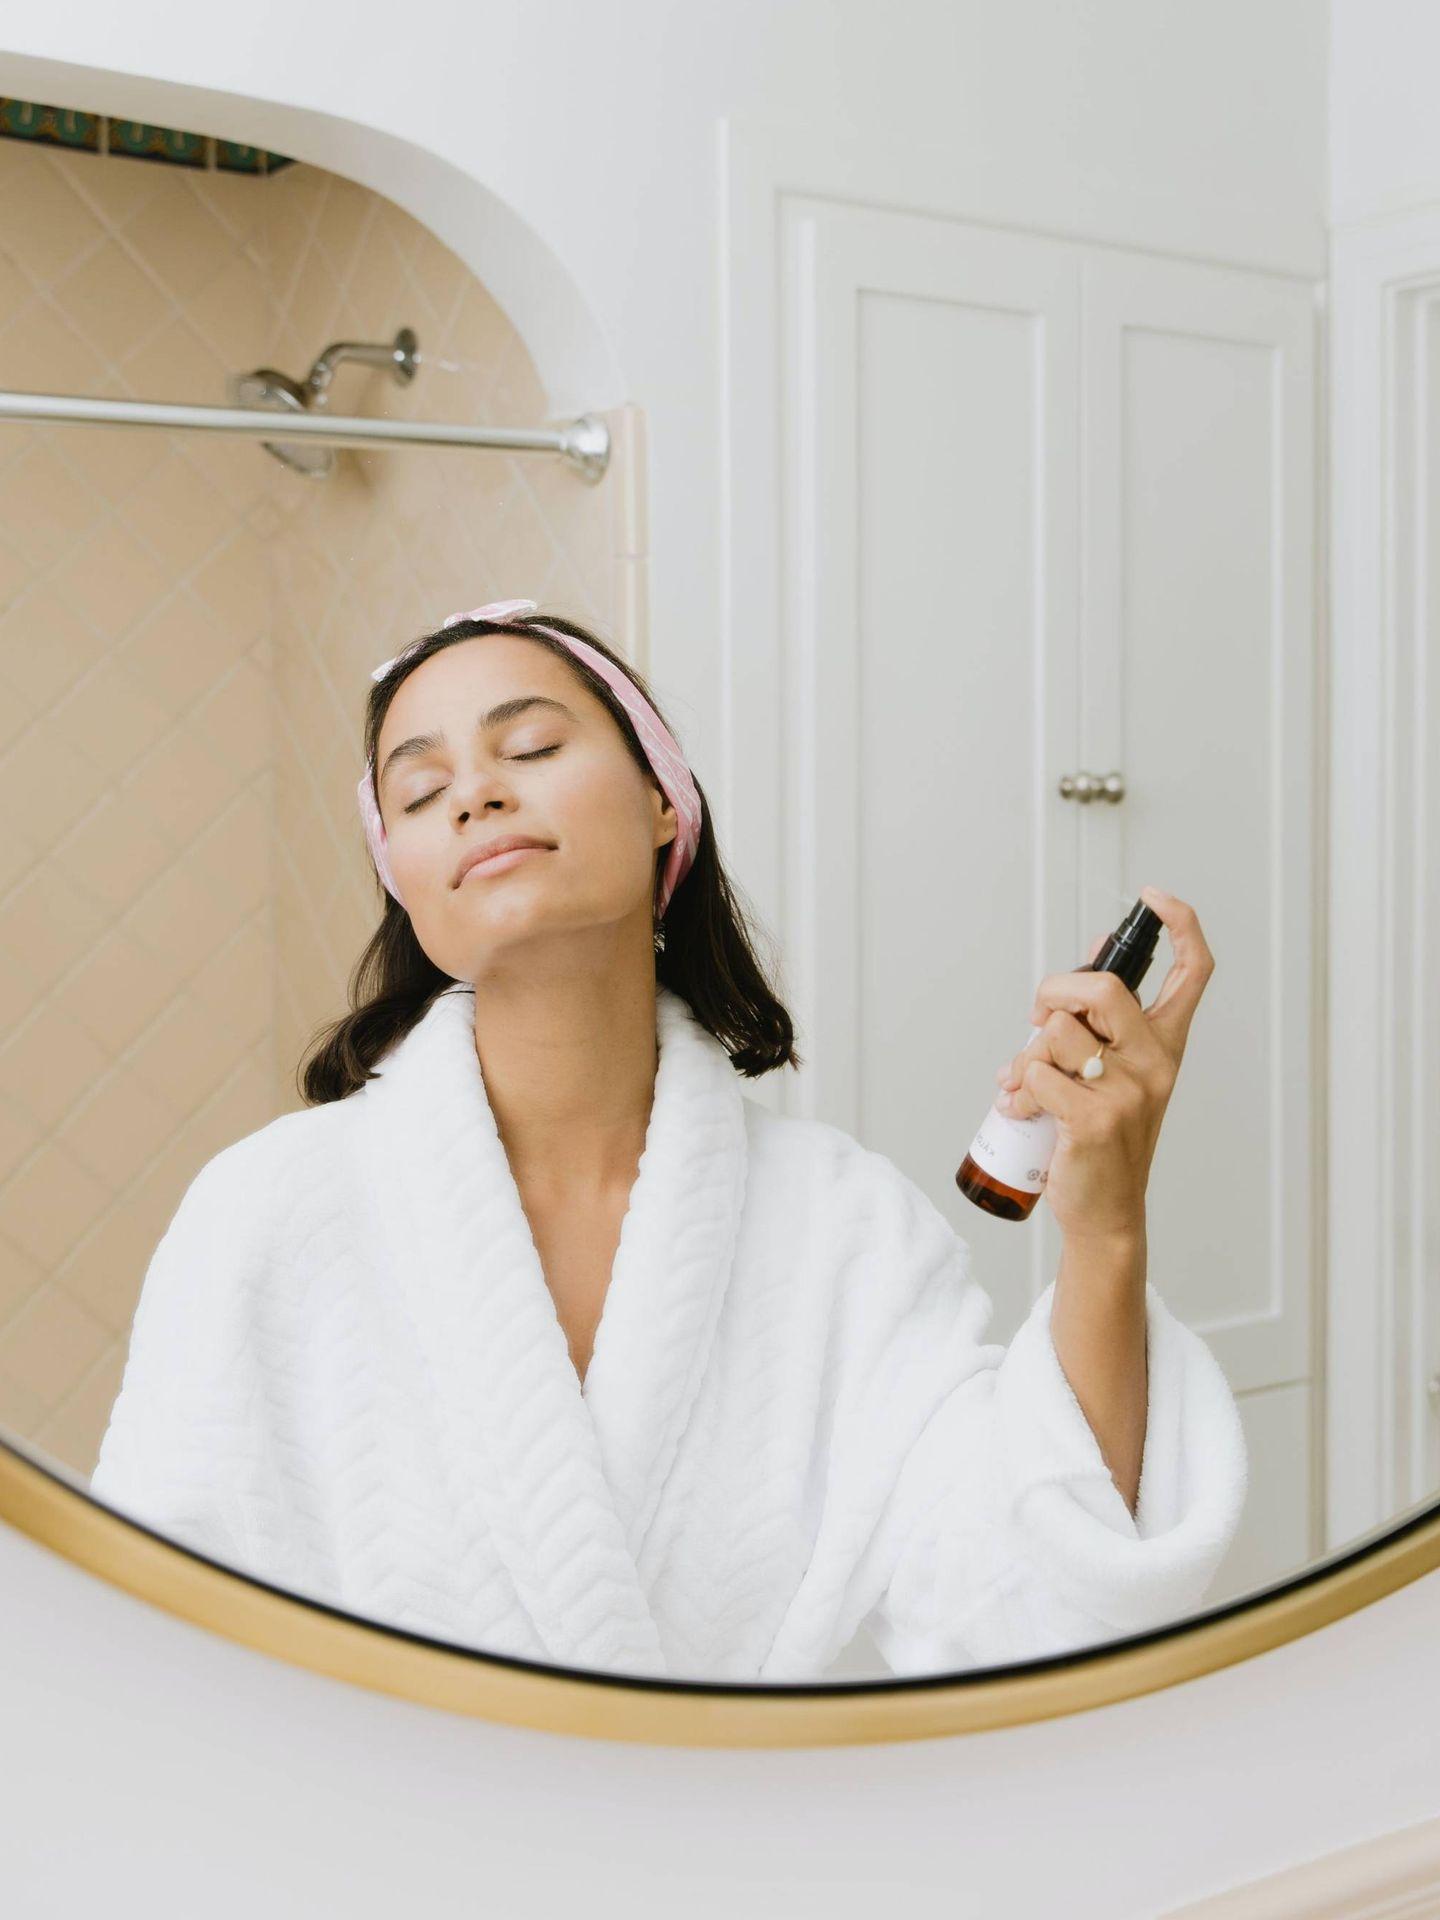 Los activos renovadores, antibacterianos y calmantes son esenciales. (Kalos Skincare para Unsplash)